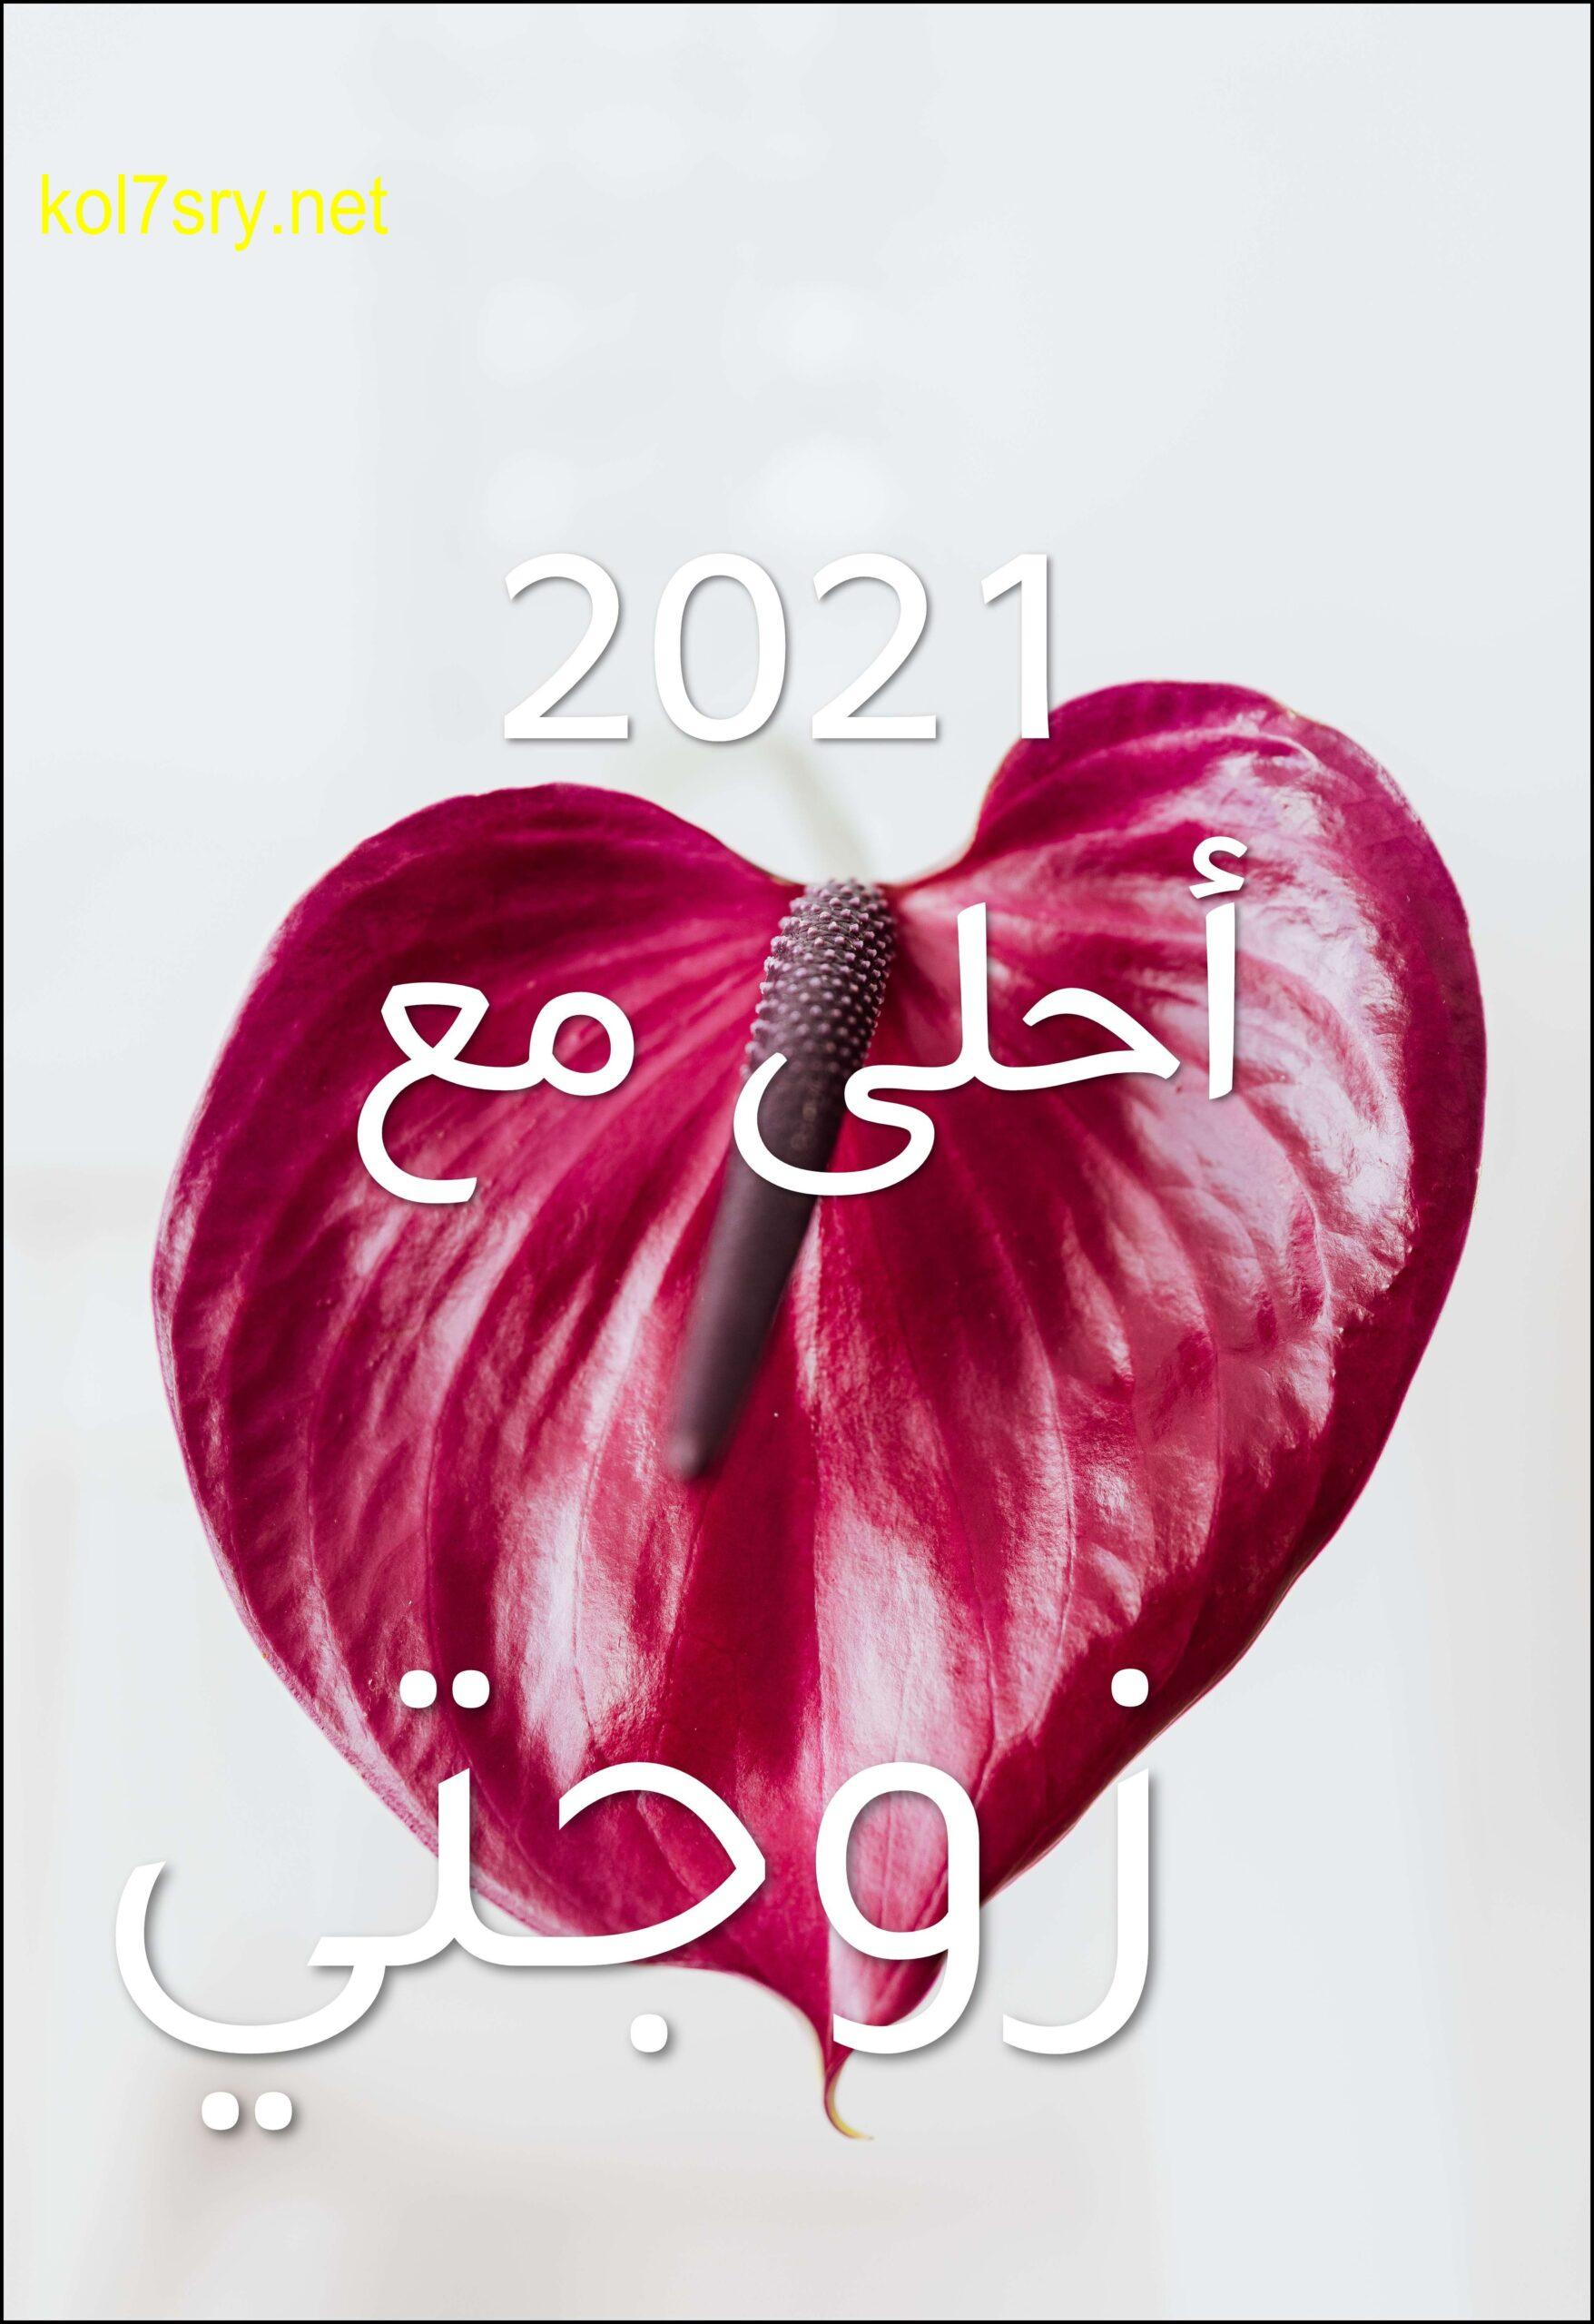 2021 أحلى مع اسمك أجمل 40 صورة HD لعام 2021 احلى مع مجانا اطلب التصميم بالتعليقات 14